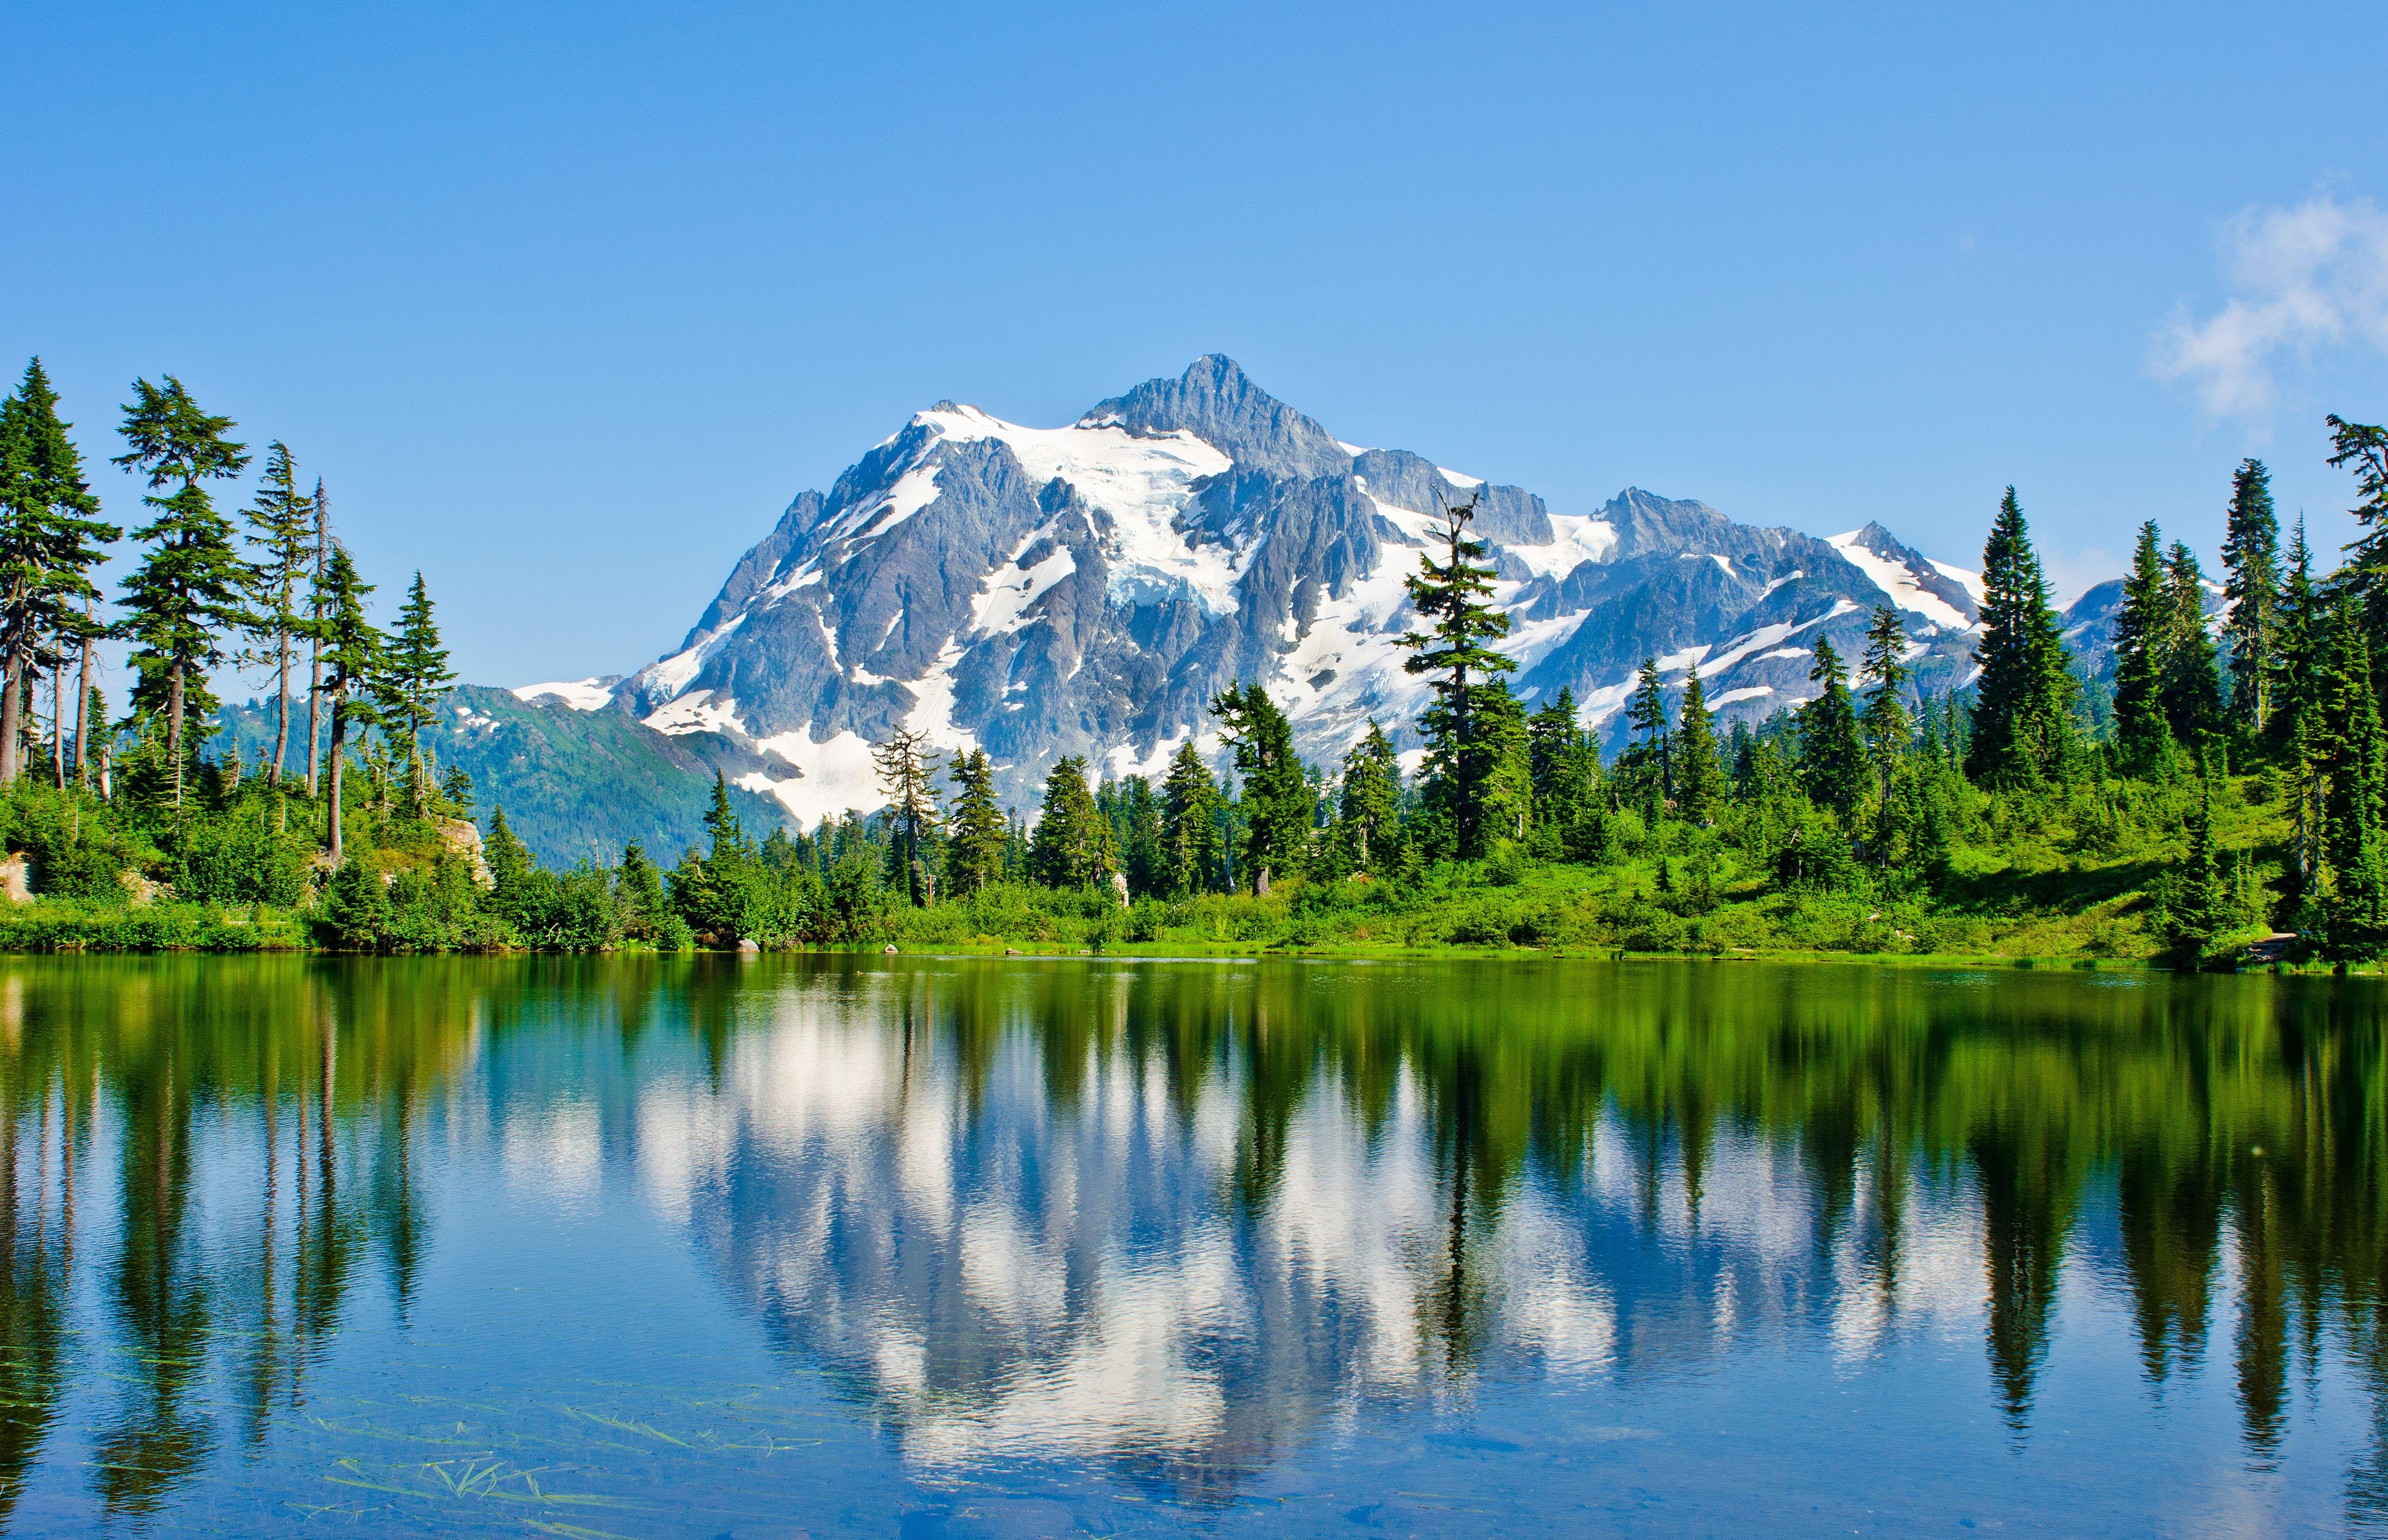 горы озеро деревья небо  № 3234823 загрузить